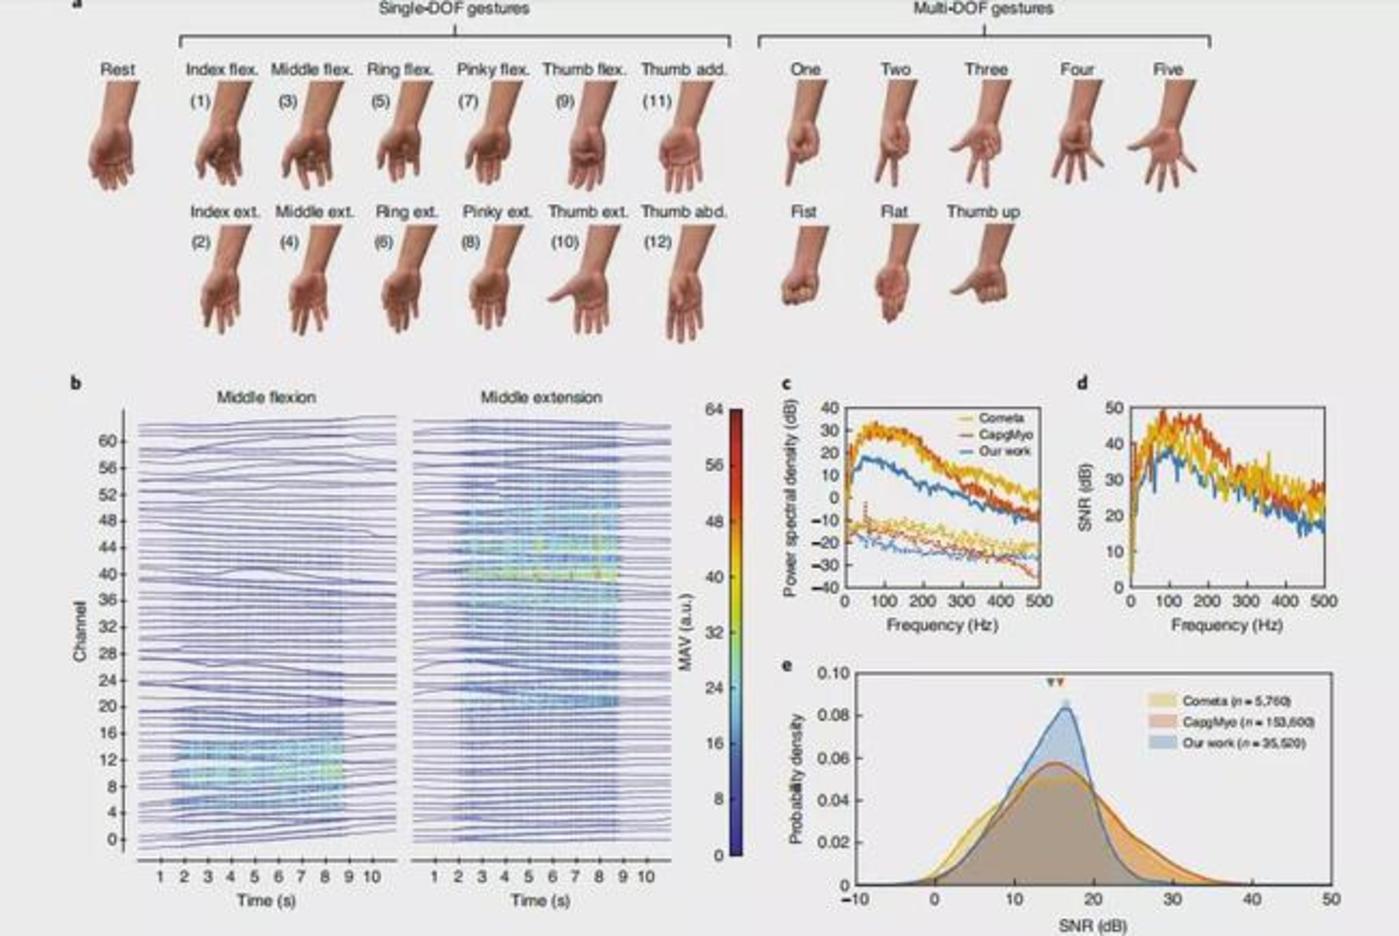 图 | 研究中使用的手势类别和 sEMG 记录特征(来源:Nature Electronics)